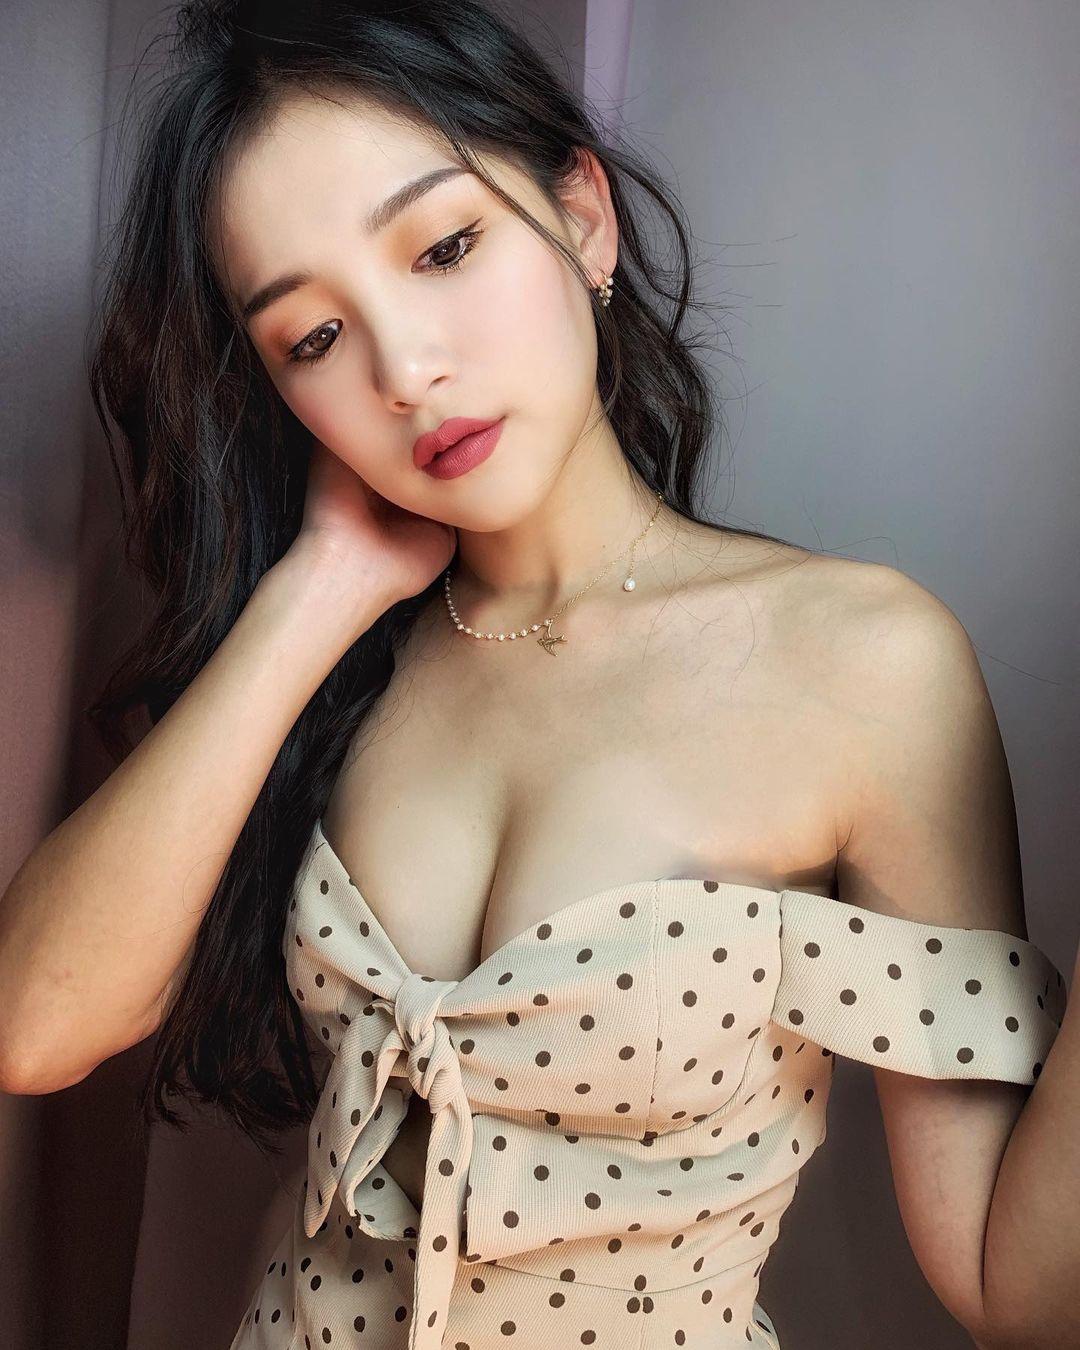 Mỹ nữ Đài Loan sở hữu mặt xinh dáng chuẩn hút mọi ánh nhìn - 9